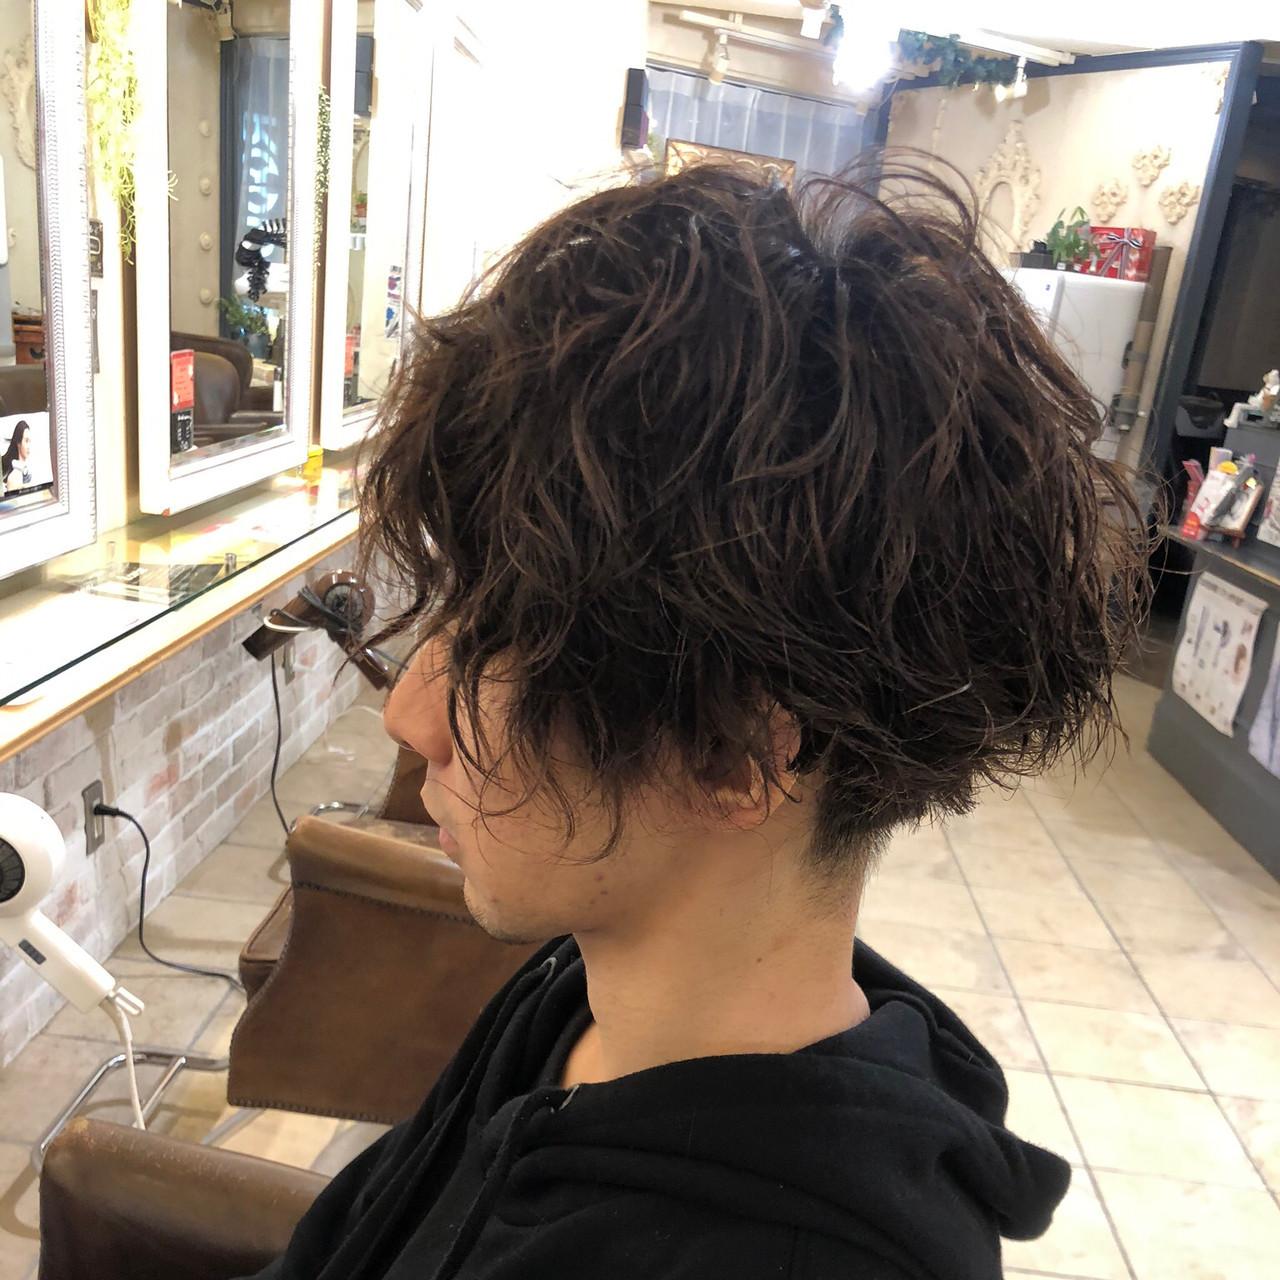 メンズヘア メンズ メンズパーマ ショート ヘアスタイルや髪型の写真・画像